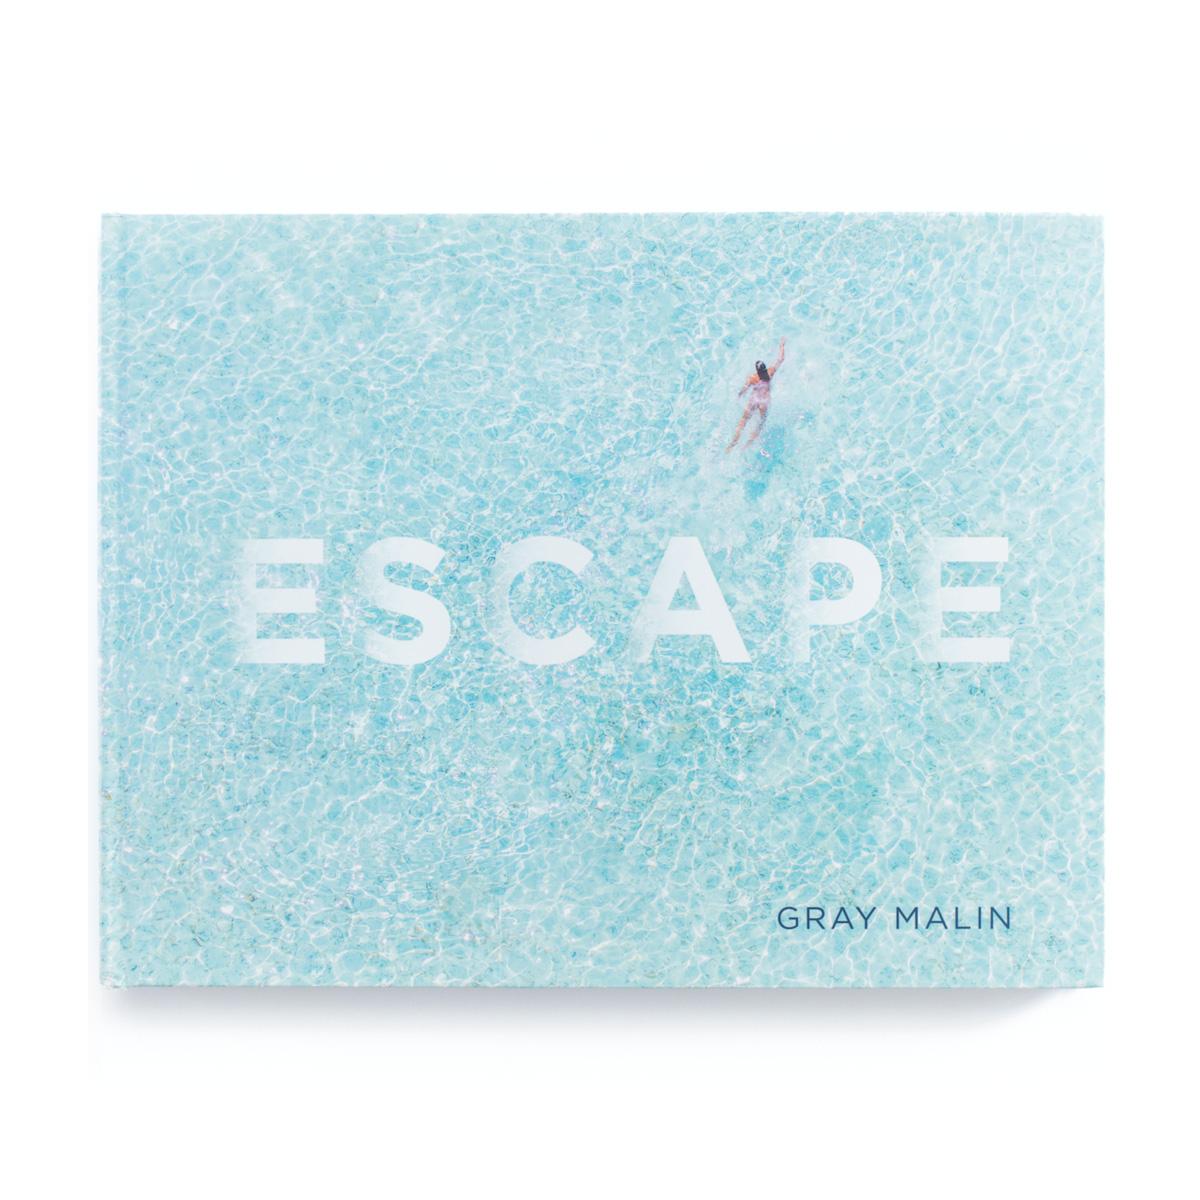 Escape - Gray Malin